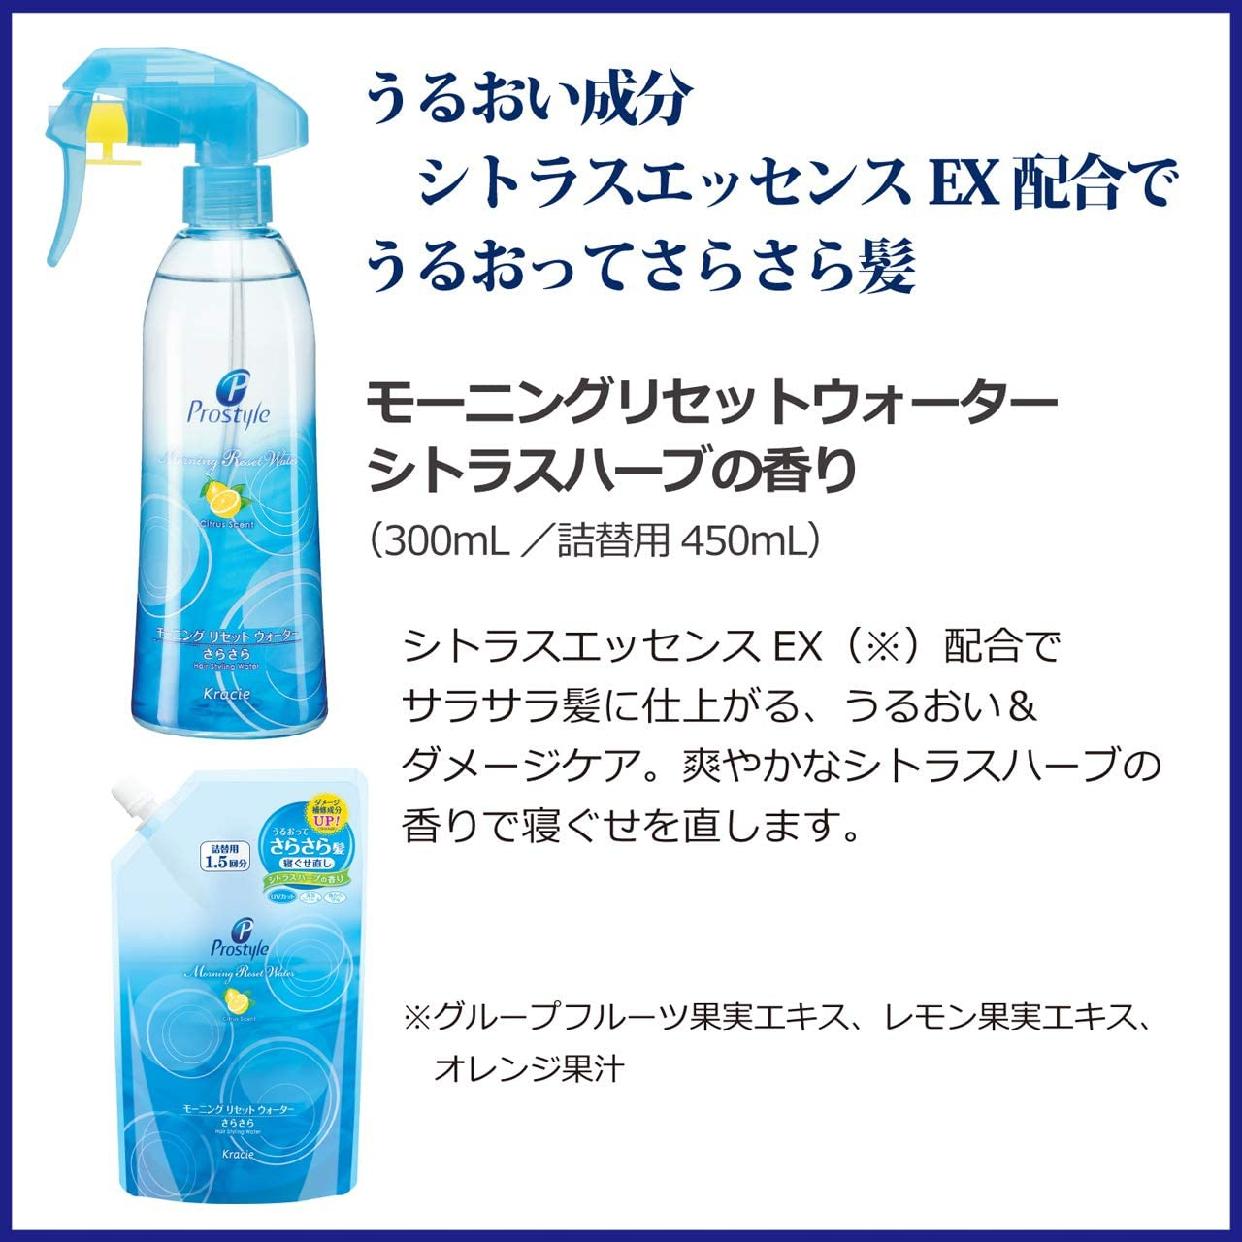 Kracie(クラシエ) プロスタイル モーニングリセットウォーター シトラスハーブの香りの商品画像4